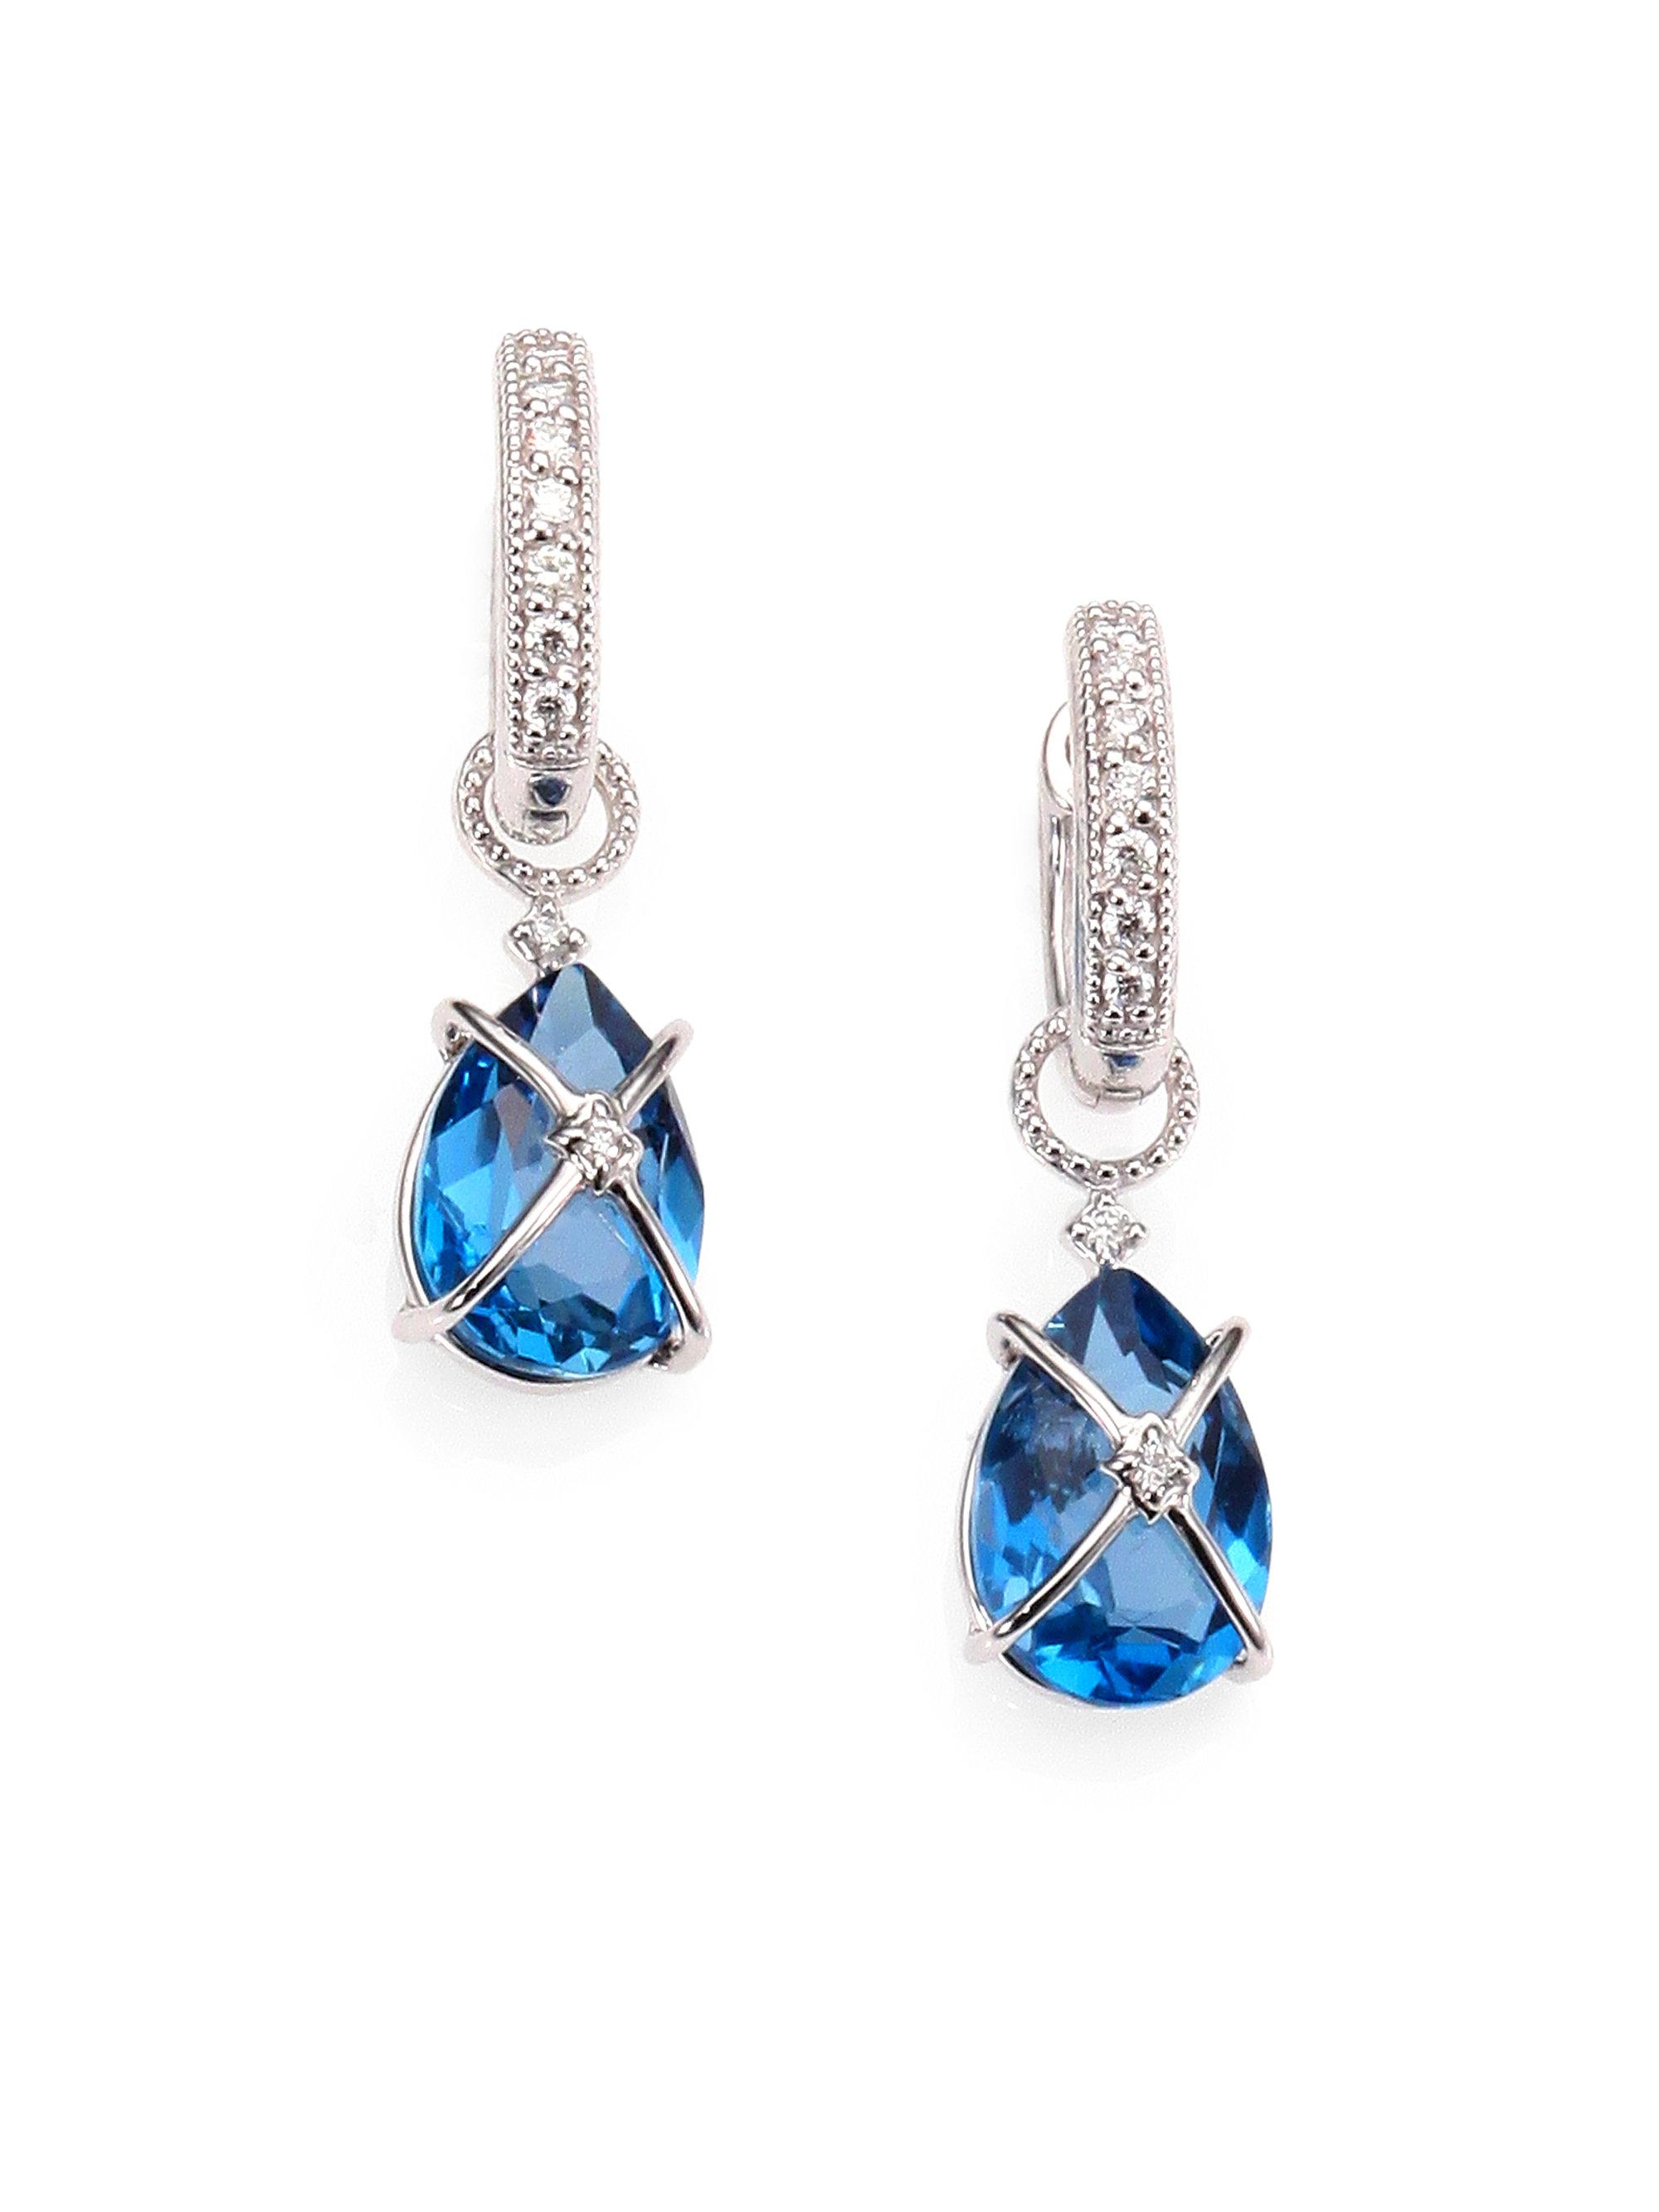 Jude frances London Blue Topaz Diamond and 18k White Gold Earring